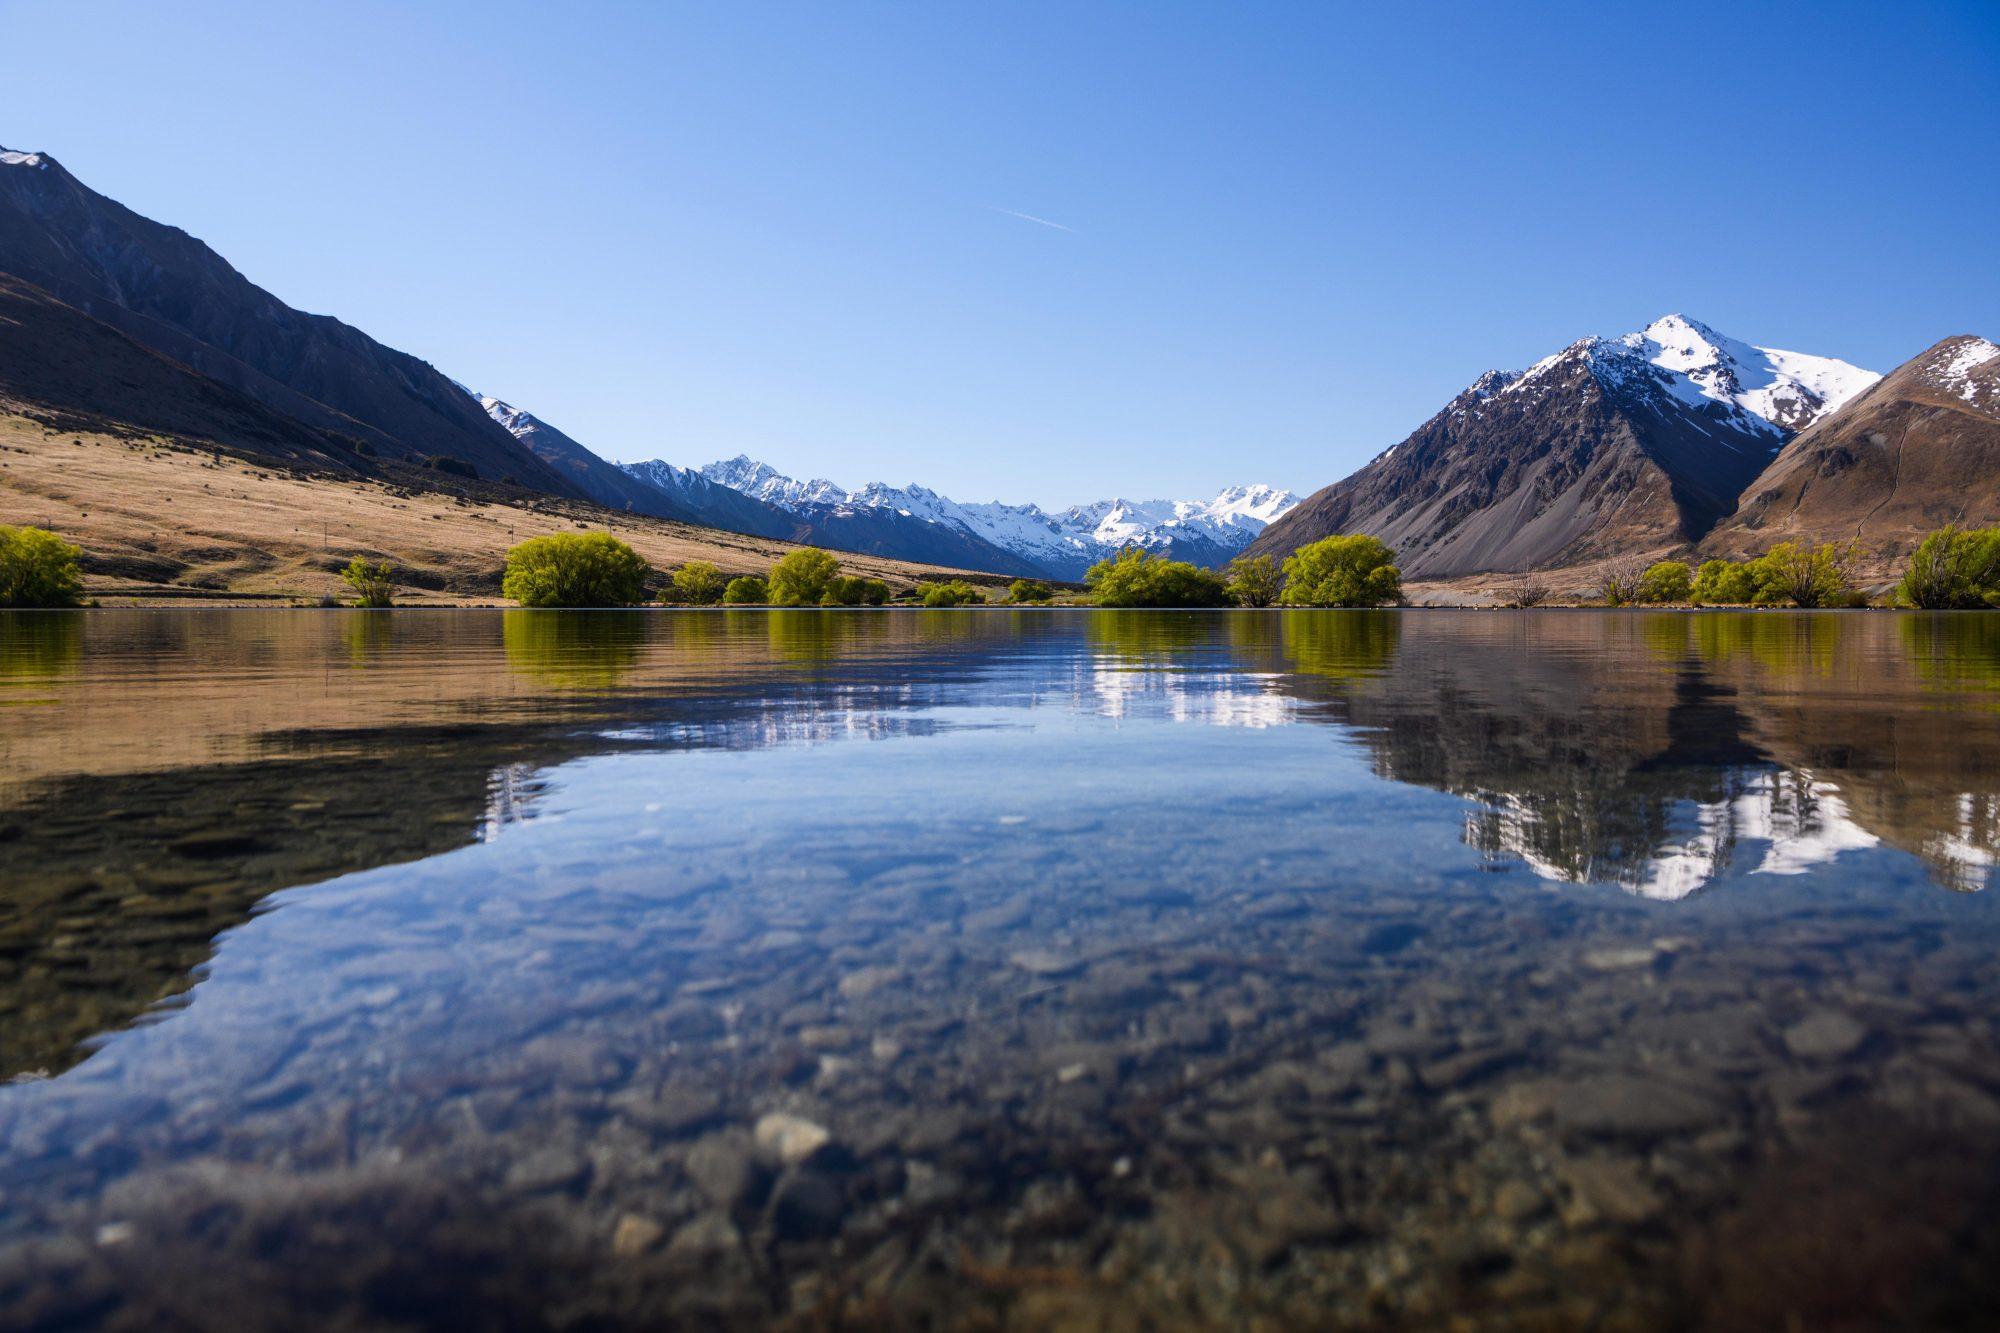 Ahuriri River in New Zealand